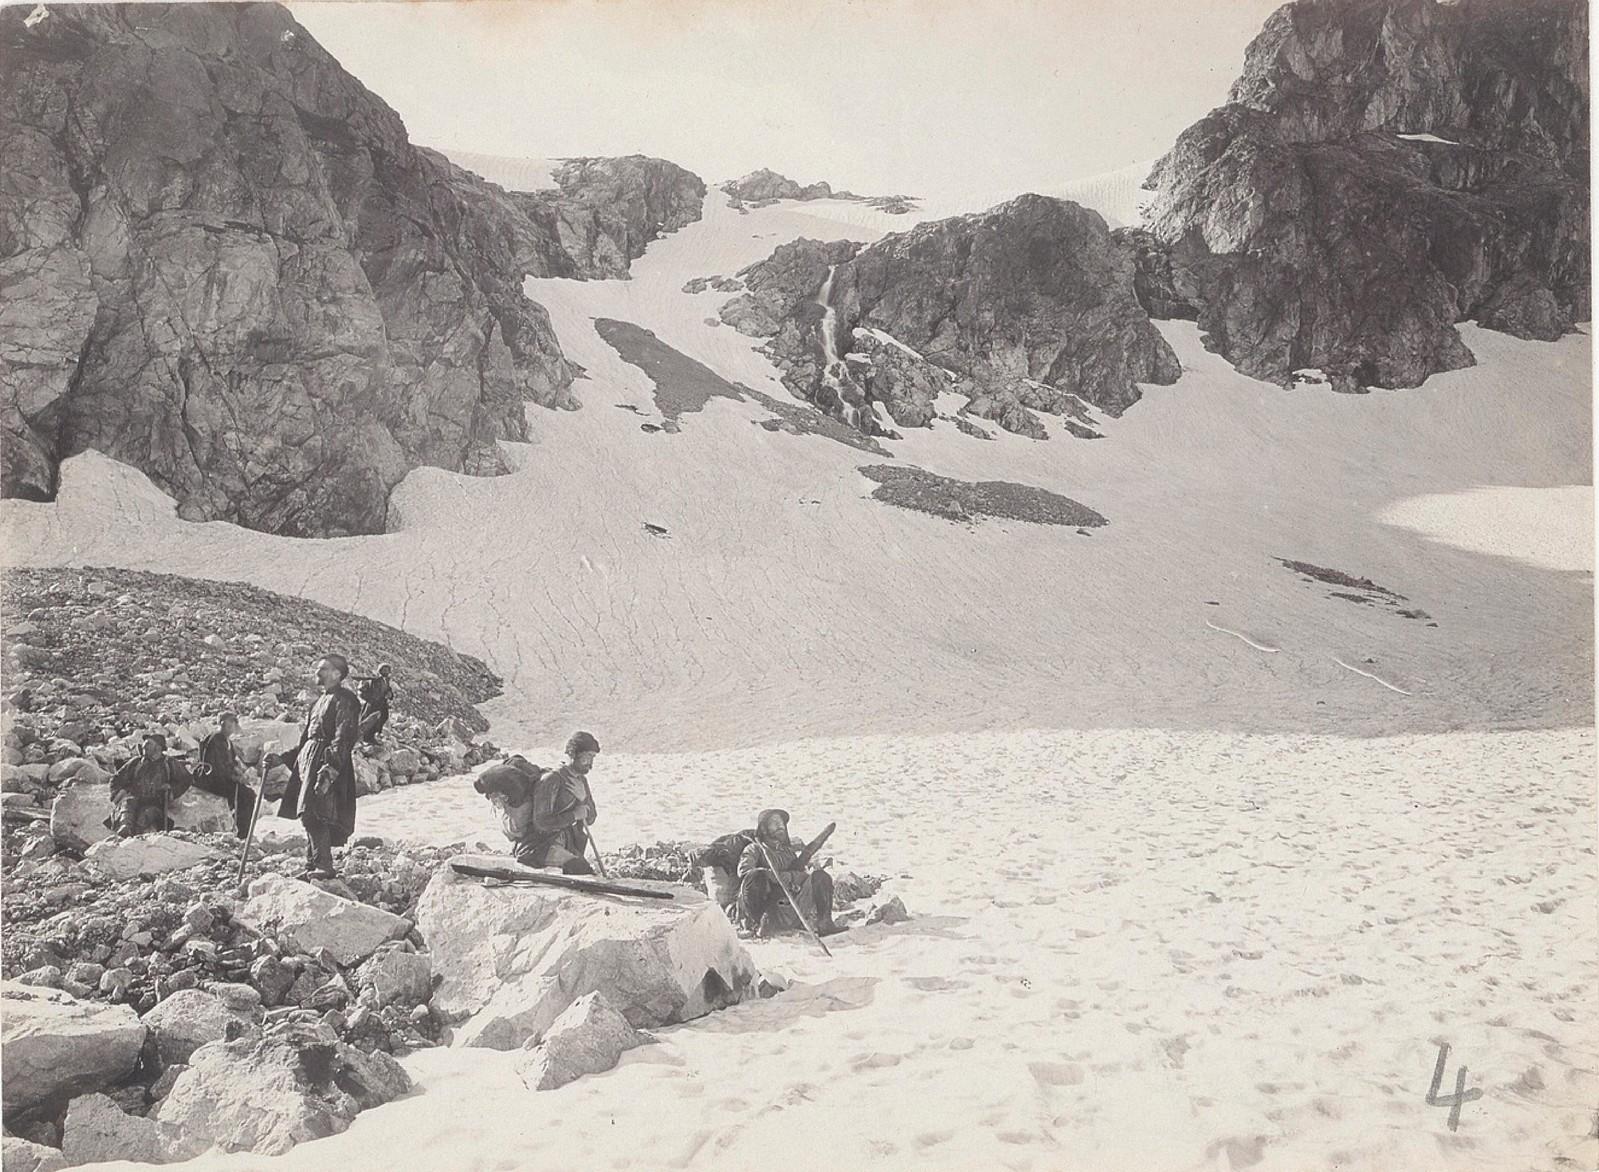 06. Западный Кавказ. Проход между долиной Учкулана и Абхазией, июль 1898